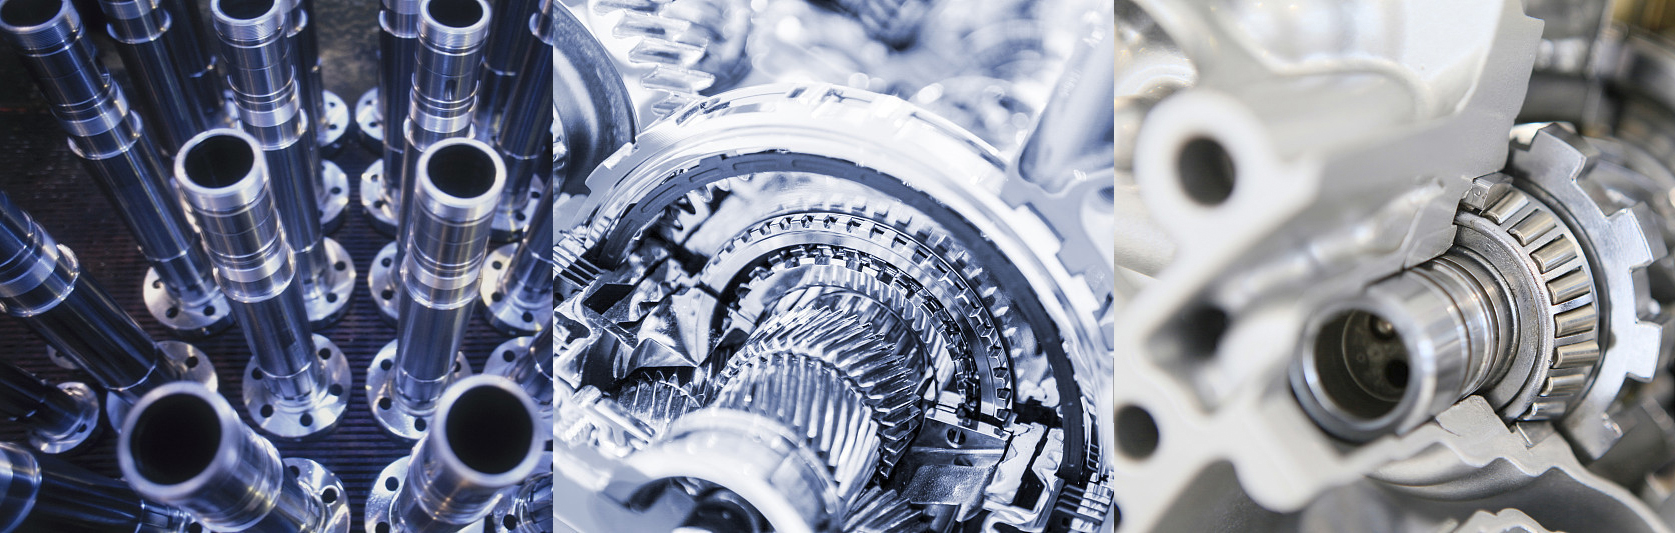 激光焊接机,焊接机,焊接机厂家,激光焊接机前景